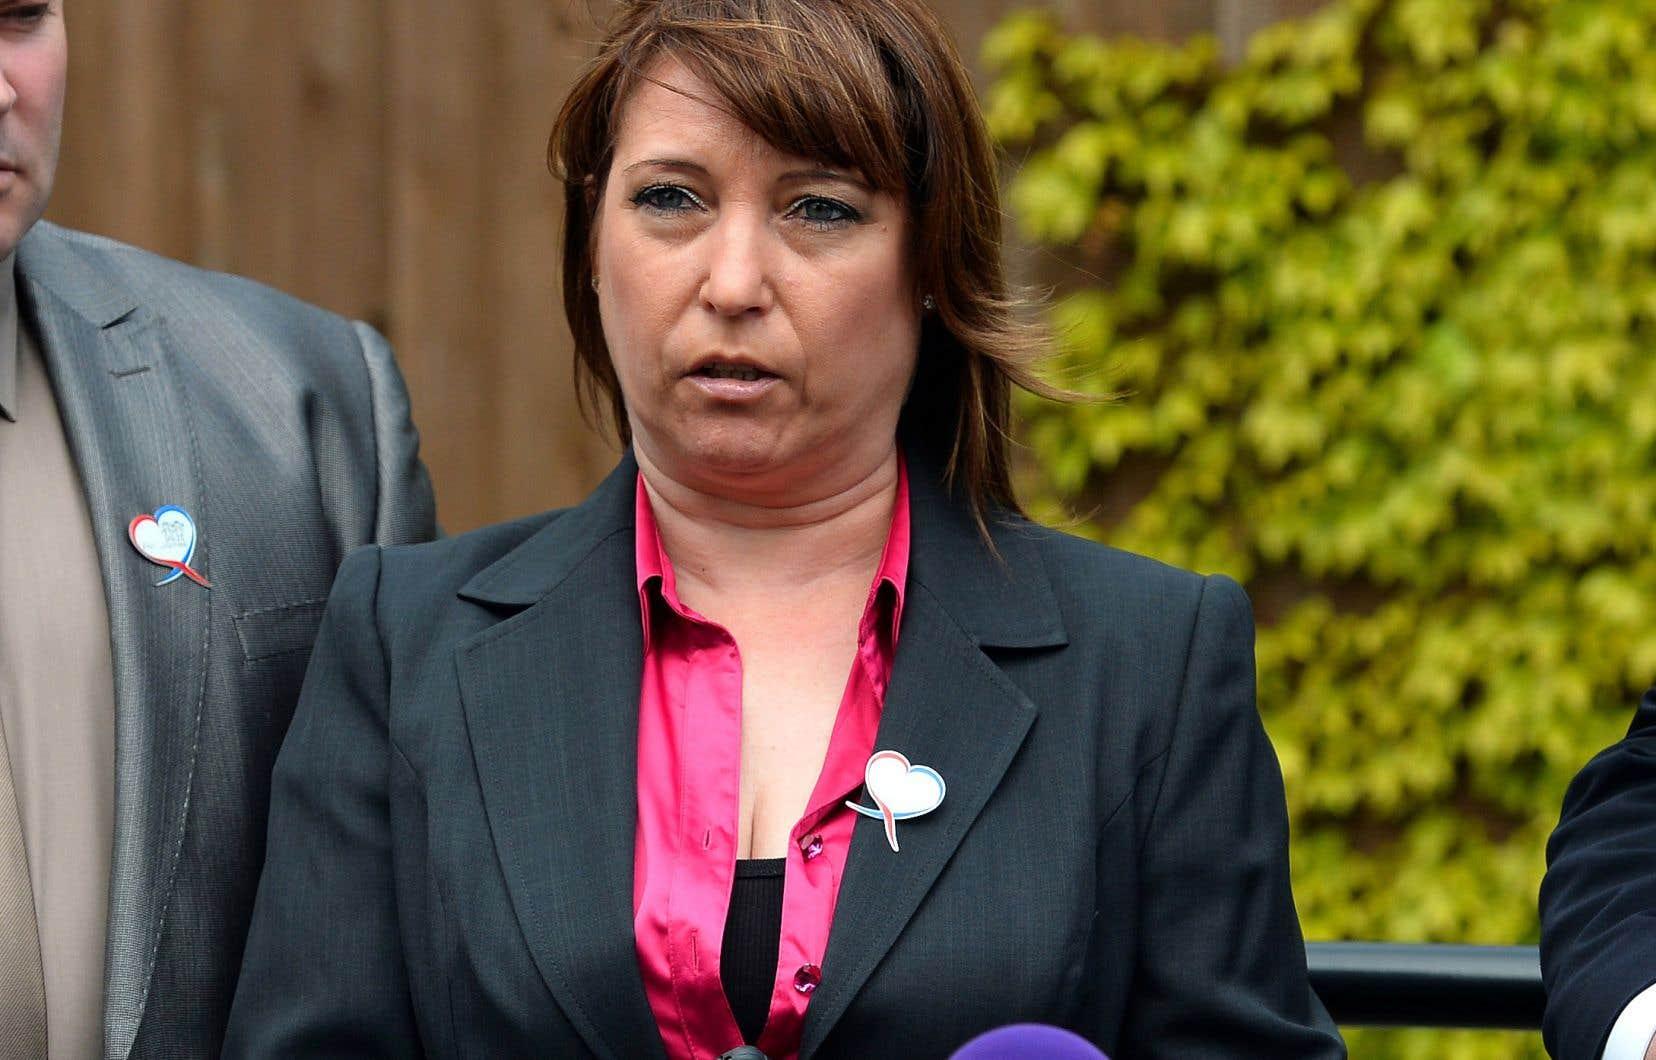 Denise Fergus, la mère de James Bulger, en 2013. Les parents de la victime demandent au réalisateur de retirer son court métrage de la course aux Oscar et de renoncer à sa distribution.